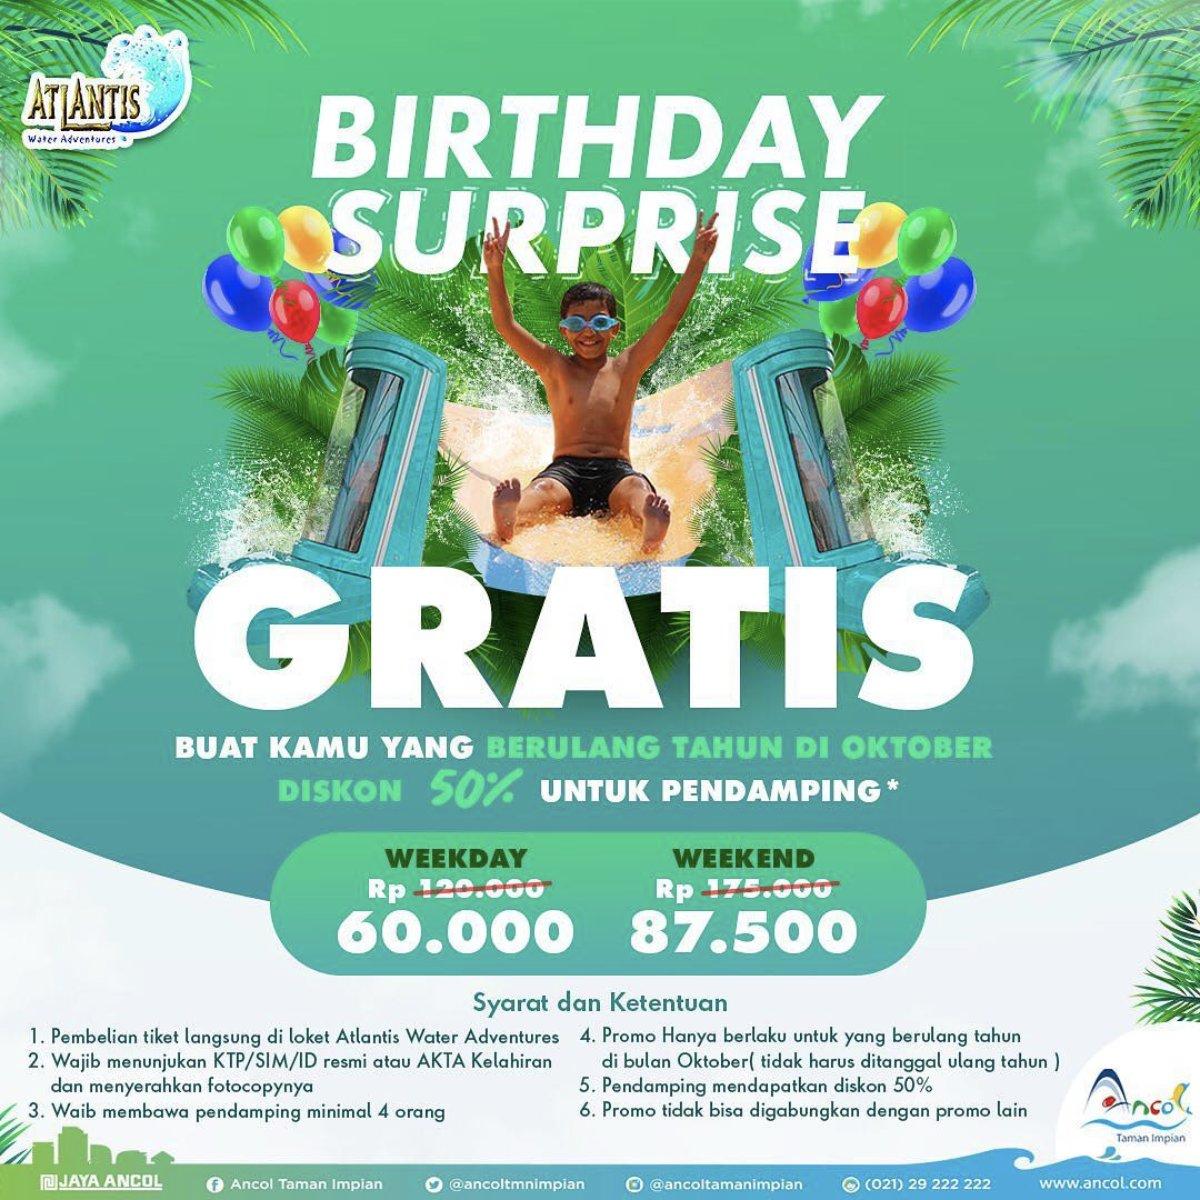 Atlantis Water Adventure Promo Birthday Surprise, Berenang Sepuasnya GRATIS Selama Oktober